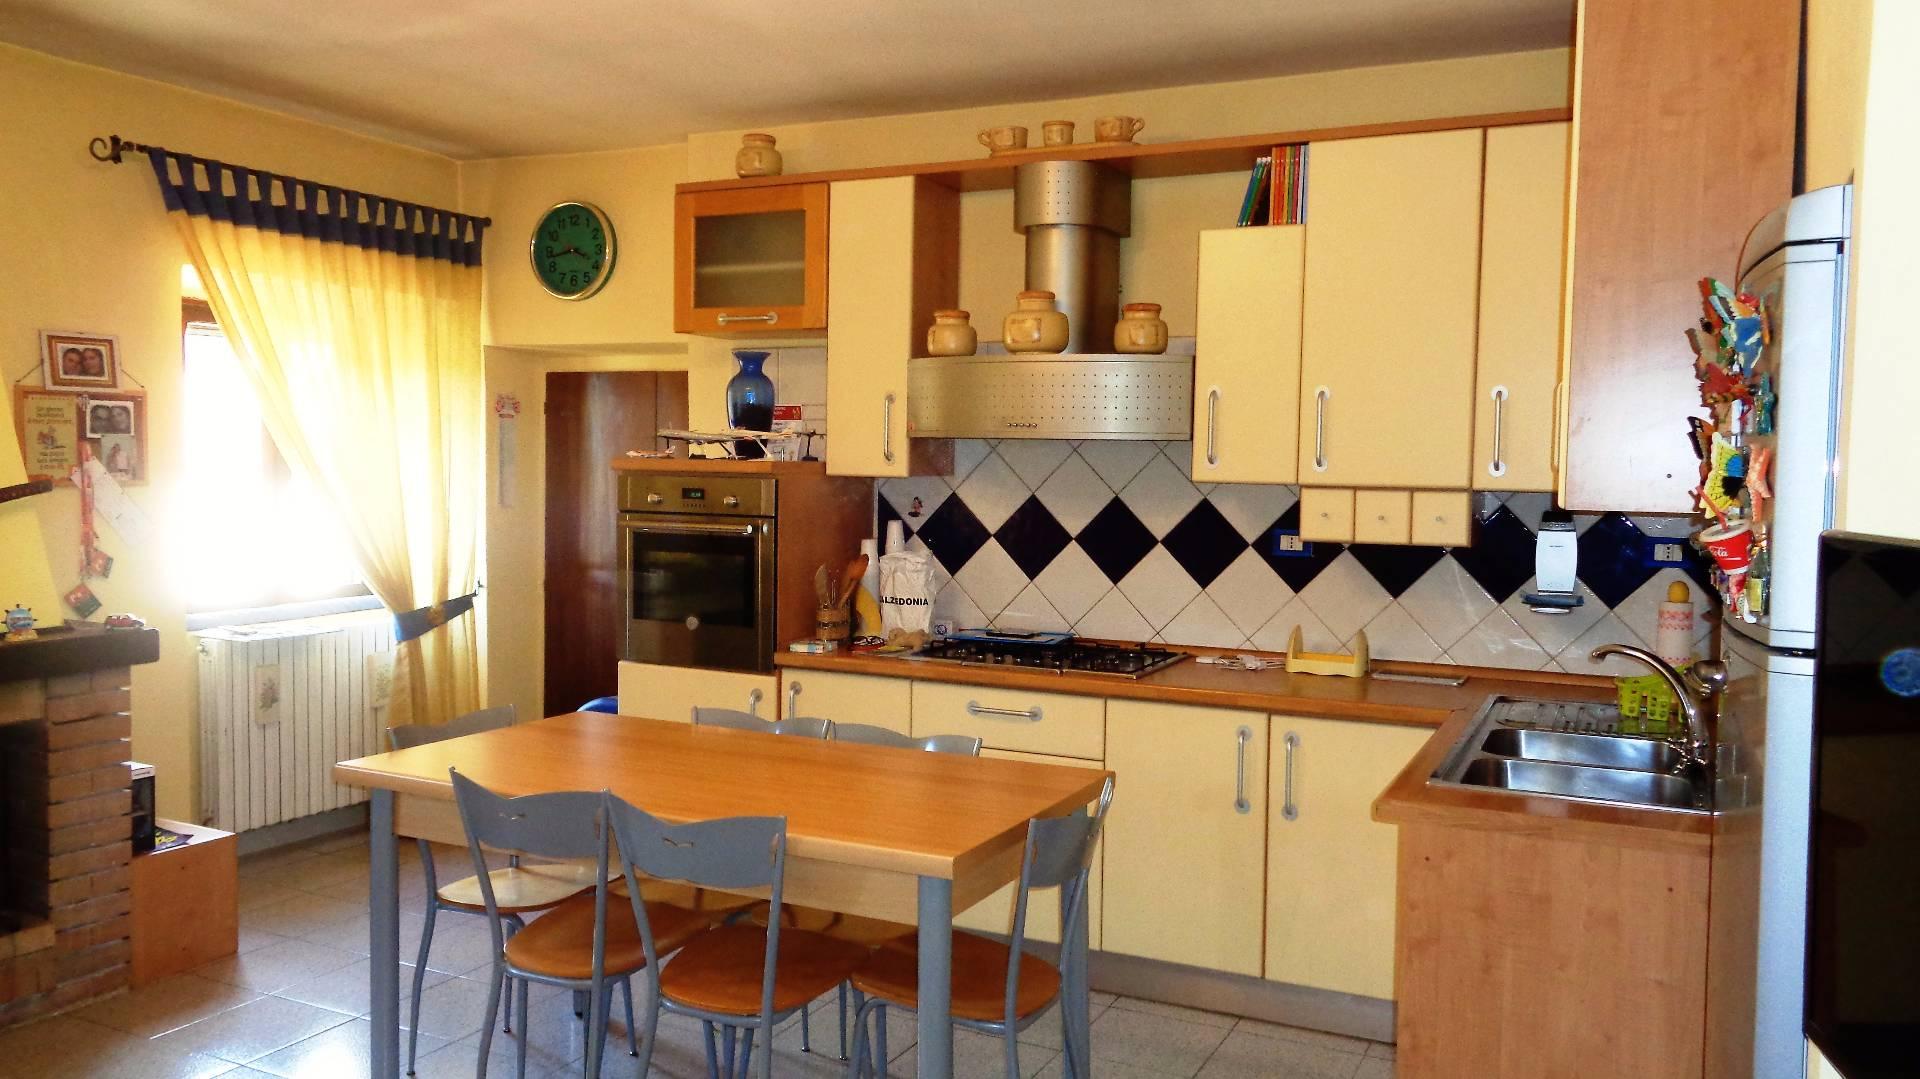 Appartamento in vendita a Sant'Elia Fiumerapido, 6 locali, prezzo € 79.000 | PortaleAgenzieImmobiliari.it